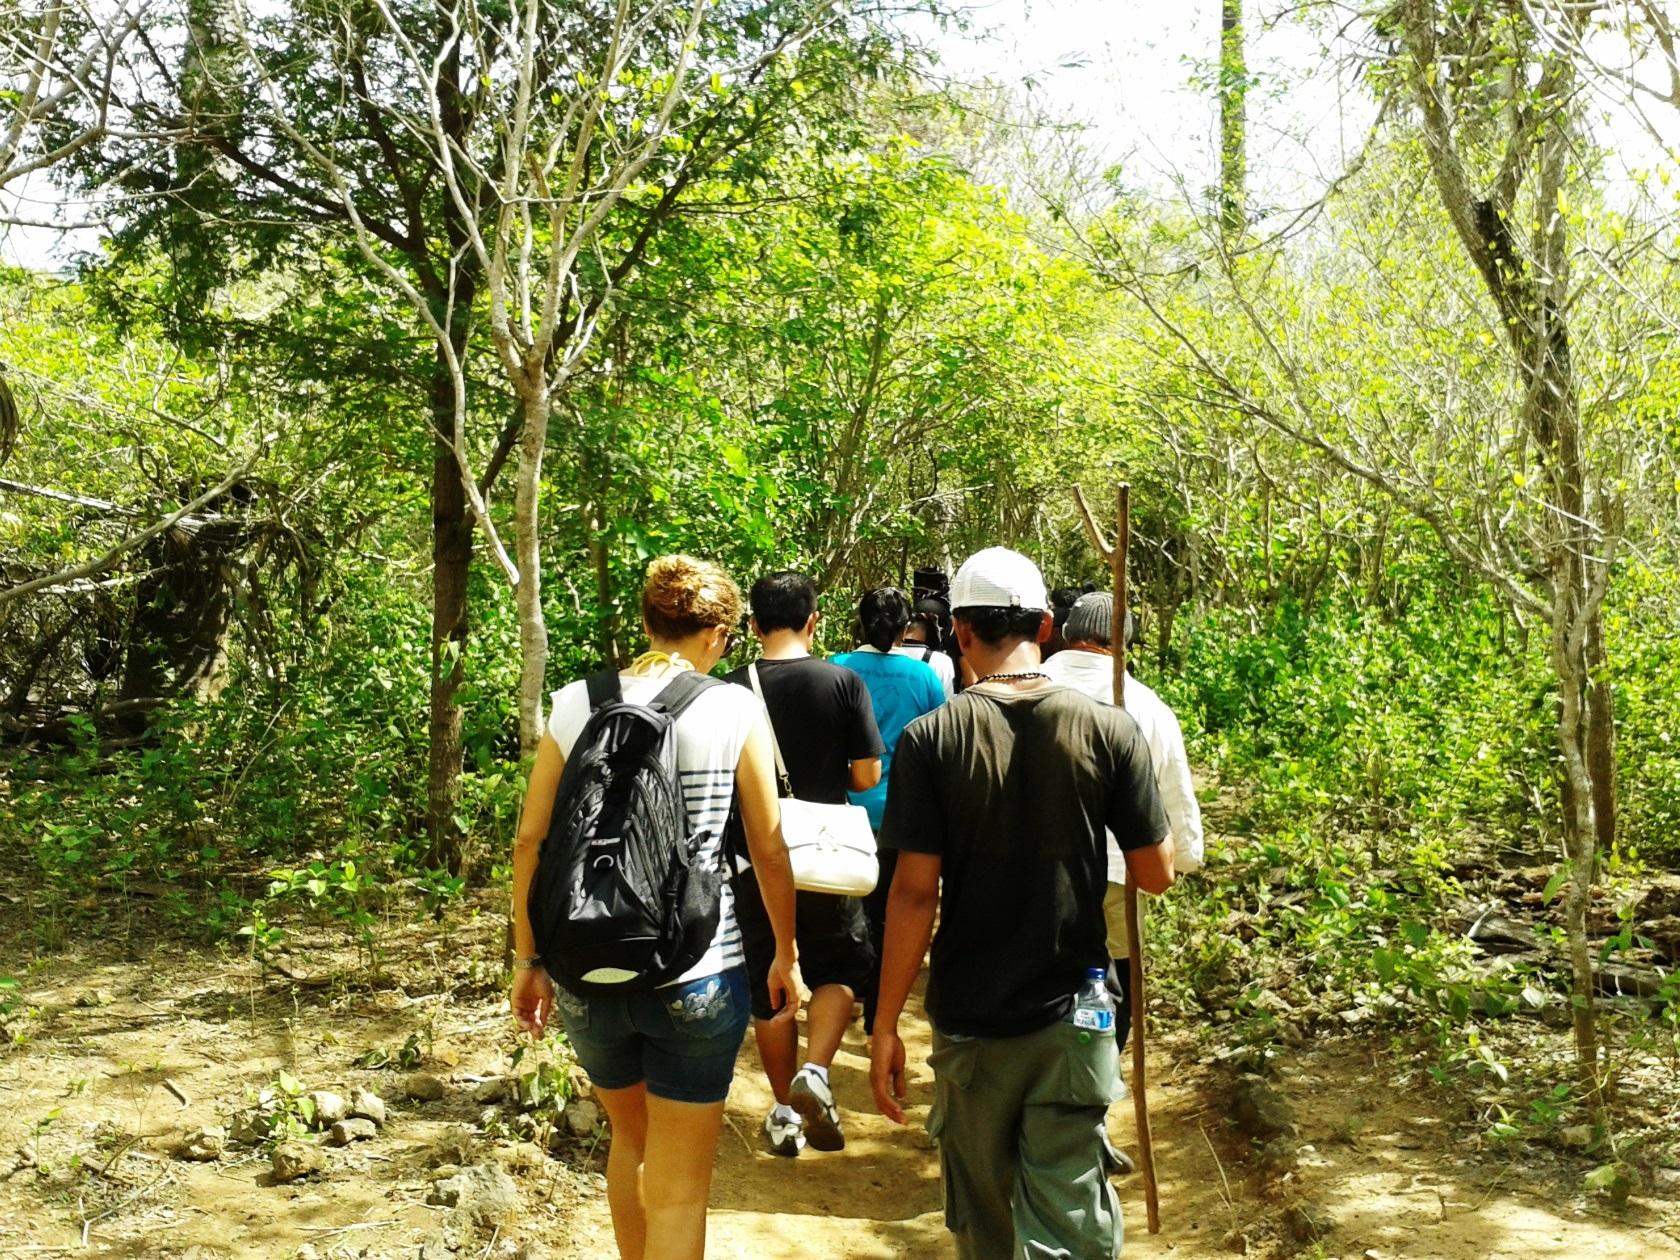 コモド島のハイキング・トレイルを行く(3日目)